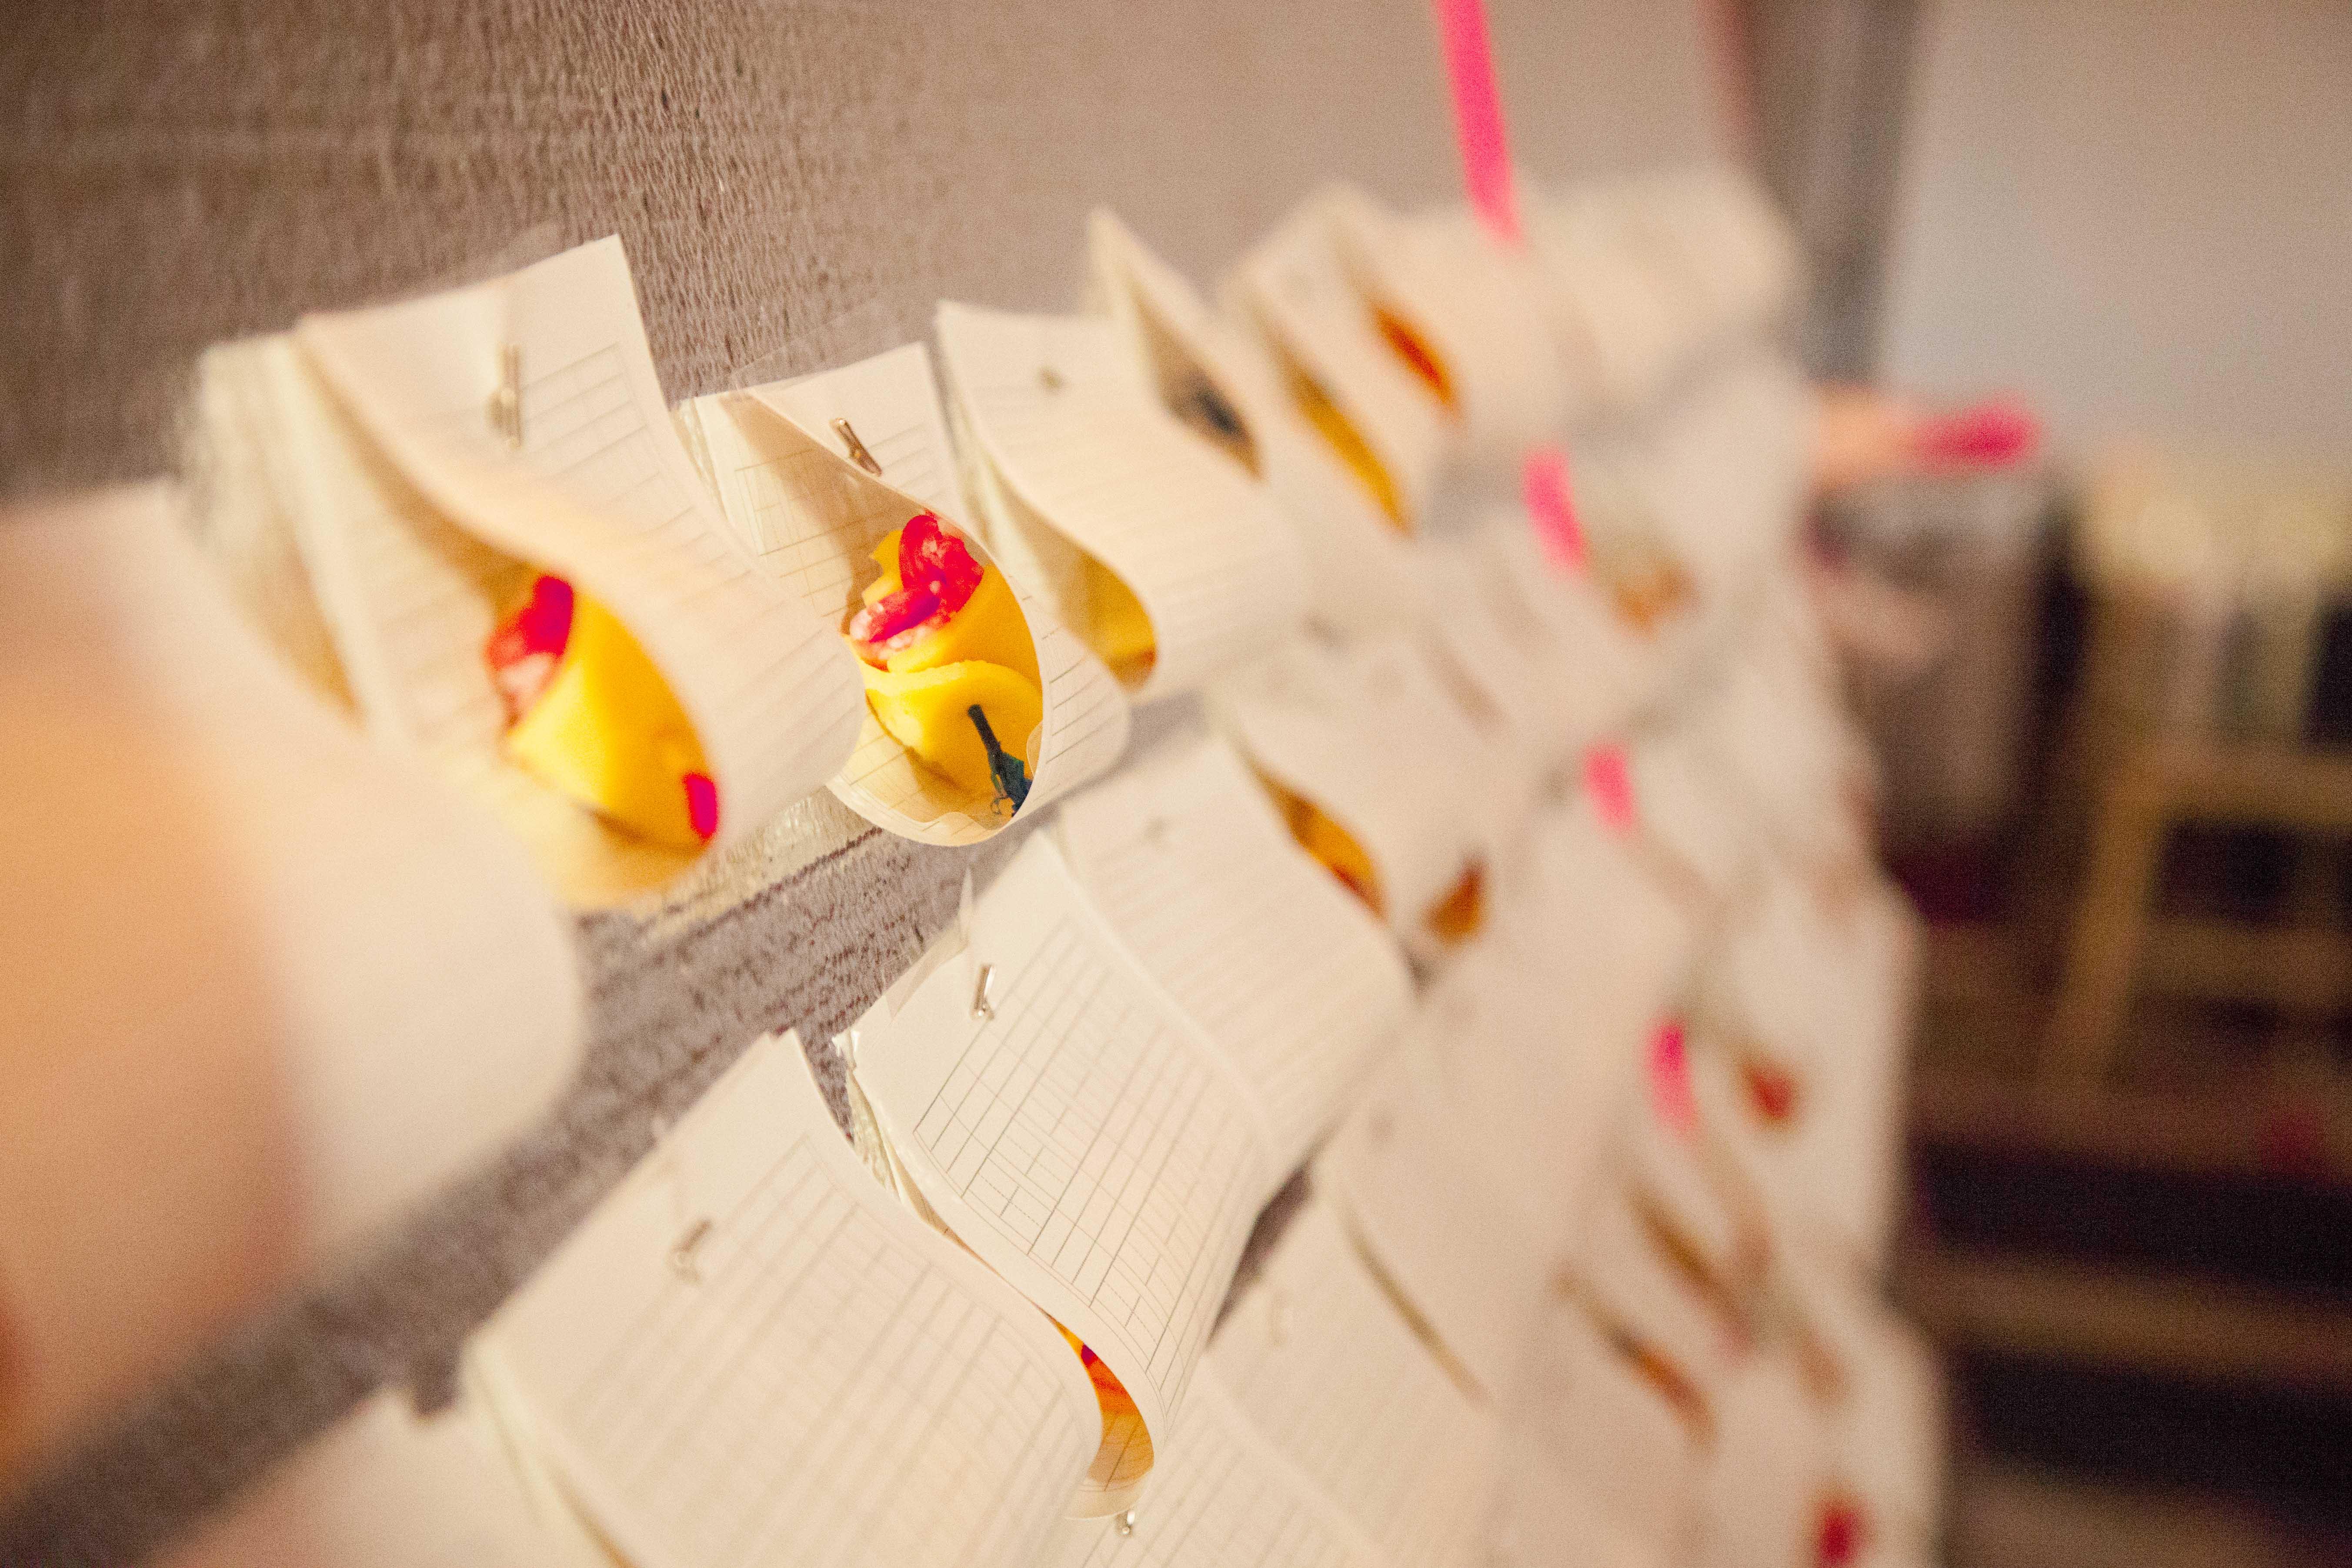 《奖励 Award》2015,纸,牙签,针,塑料纸,切达奶酪,香肠,